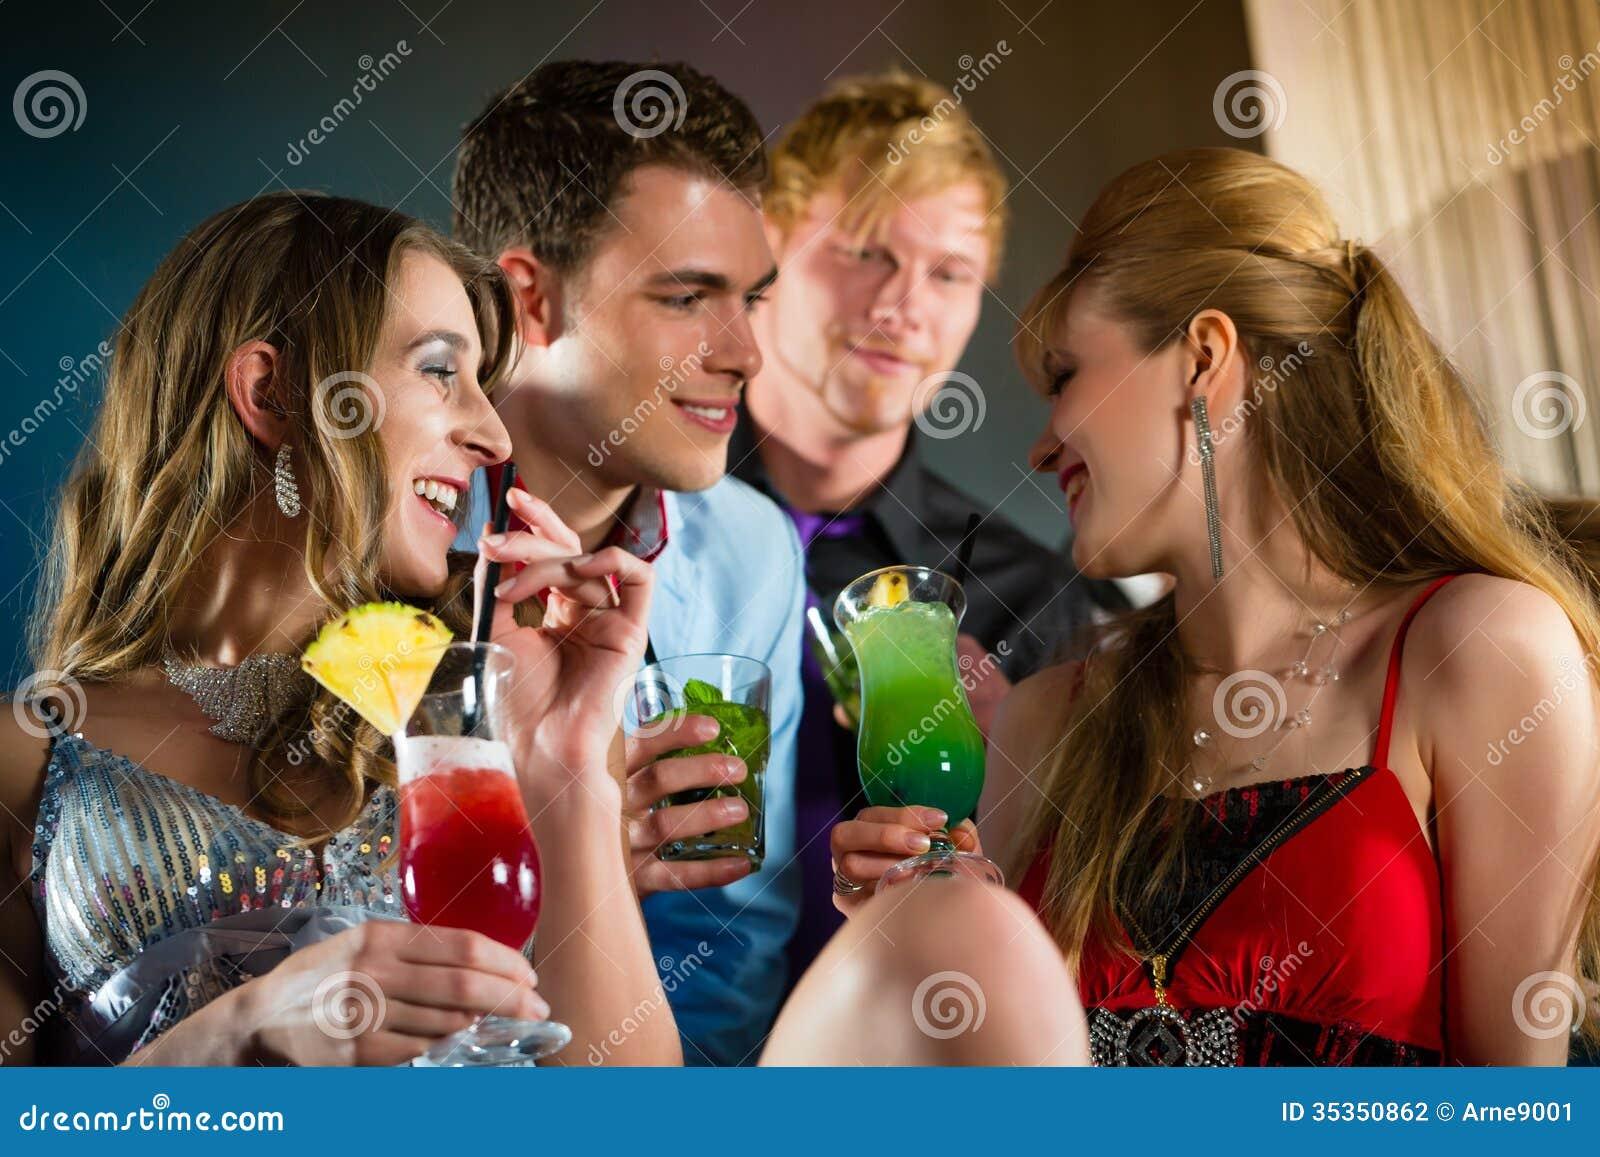 Young People Having Fun In Nightclub Stock Photos - Image ...  |People Having Fun In A Club